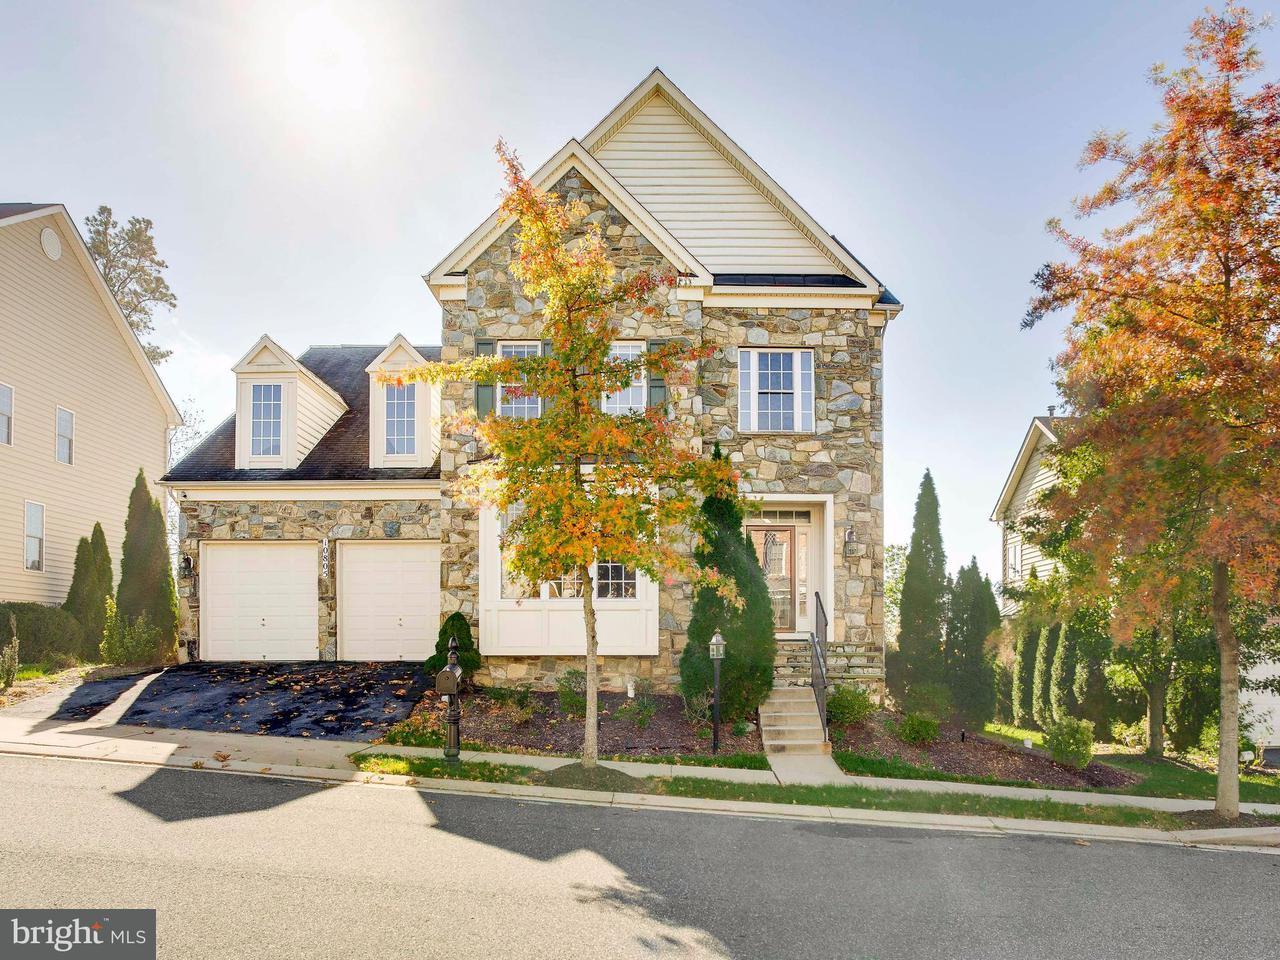 独户住宅 为 销售 在 10805 CATRON Road 10805 CATRON Road Perry Hall, 马里兰州 21128 美国